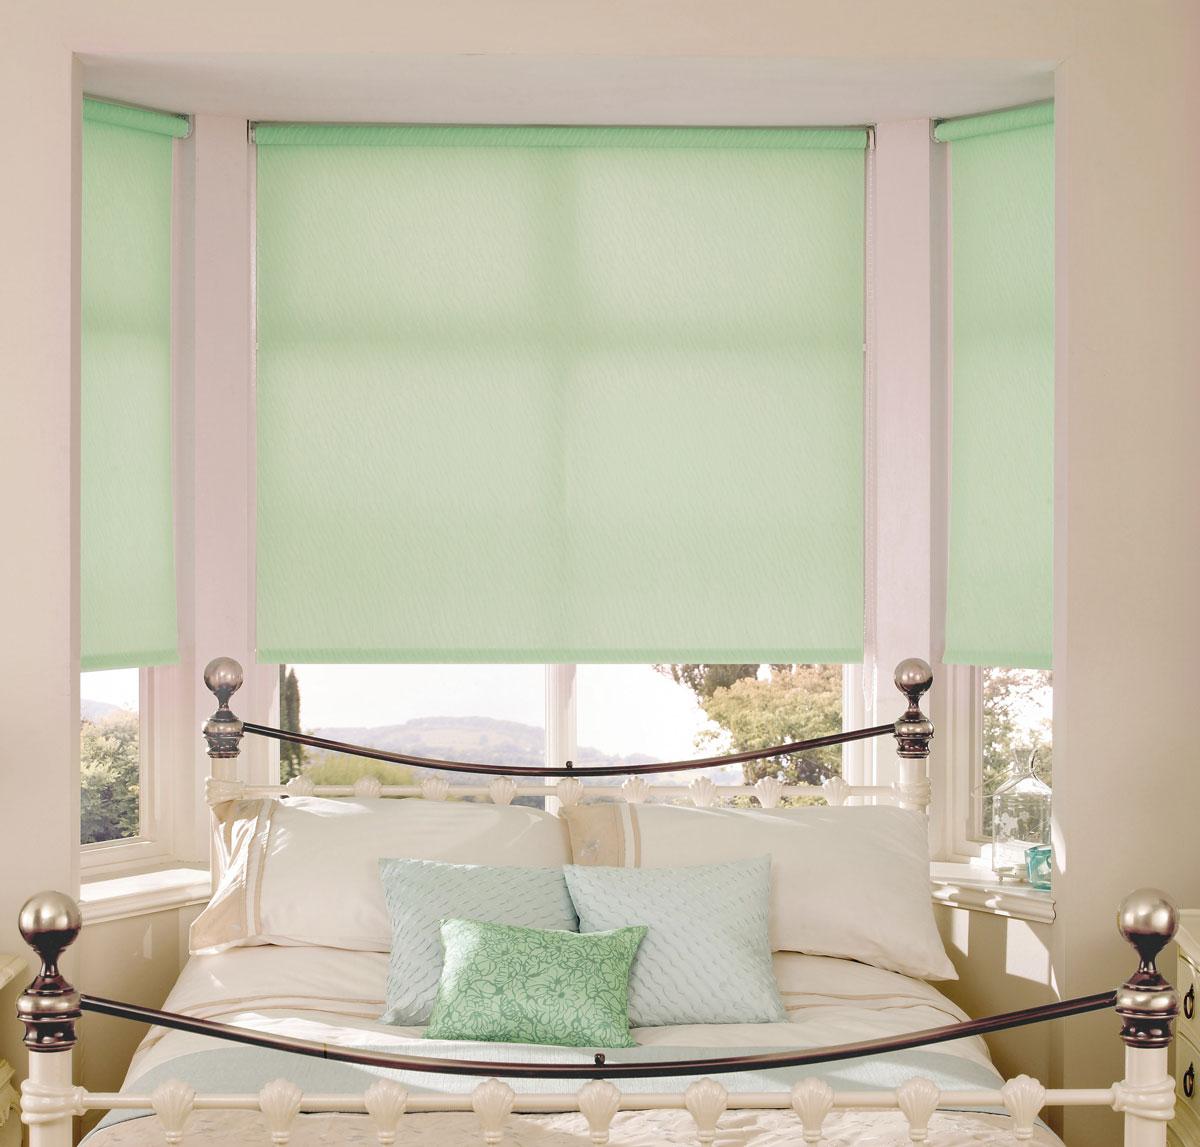 Штора рулонная KauffOrt Миниролло, цвет: светло-зеленый, ширина 73 см, высота 170 см3073017Рулонная штора Миниролло выполнена из высокопрочной ткани, которая сохраняет свой размер даже при намокании. Ткань не выцветает и обладает отличной цветоустойчивостью. Миниролло - это подвид рулонных штор, который закрывает не весь оконный проем, а непосредственно само стекло. Такие шторы крепятся на раму без сверления при помощи зажимов или клейкой двухсторонней ленты (в комплекте). Окно остается на гарантии, благодаря монтажу без сверления. Такая штора станет прекрасным элементом декора окна и гармонично впишется в интерьер любого помещения.